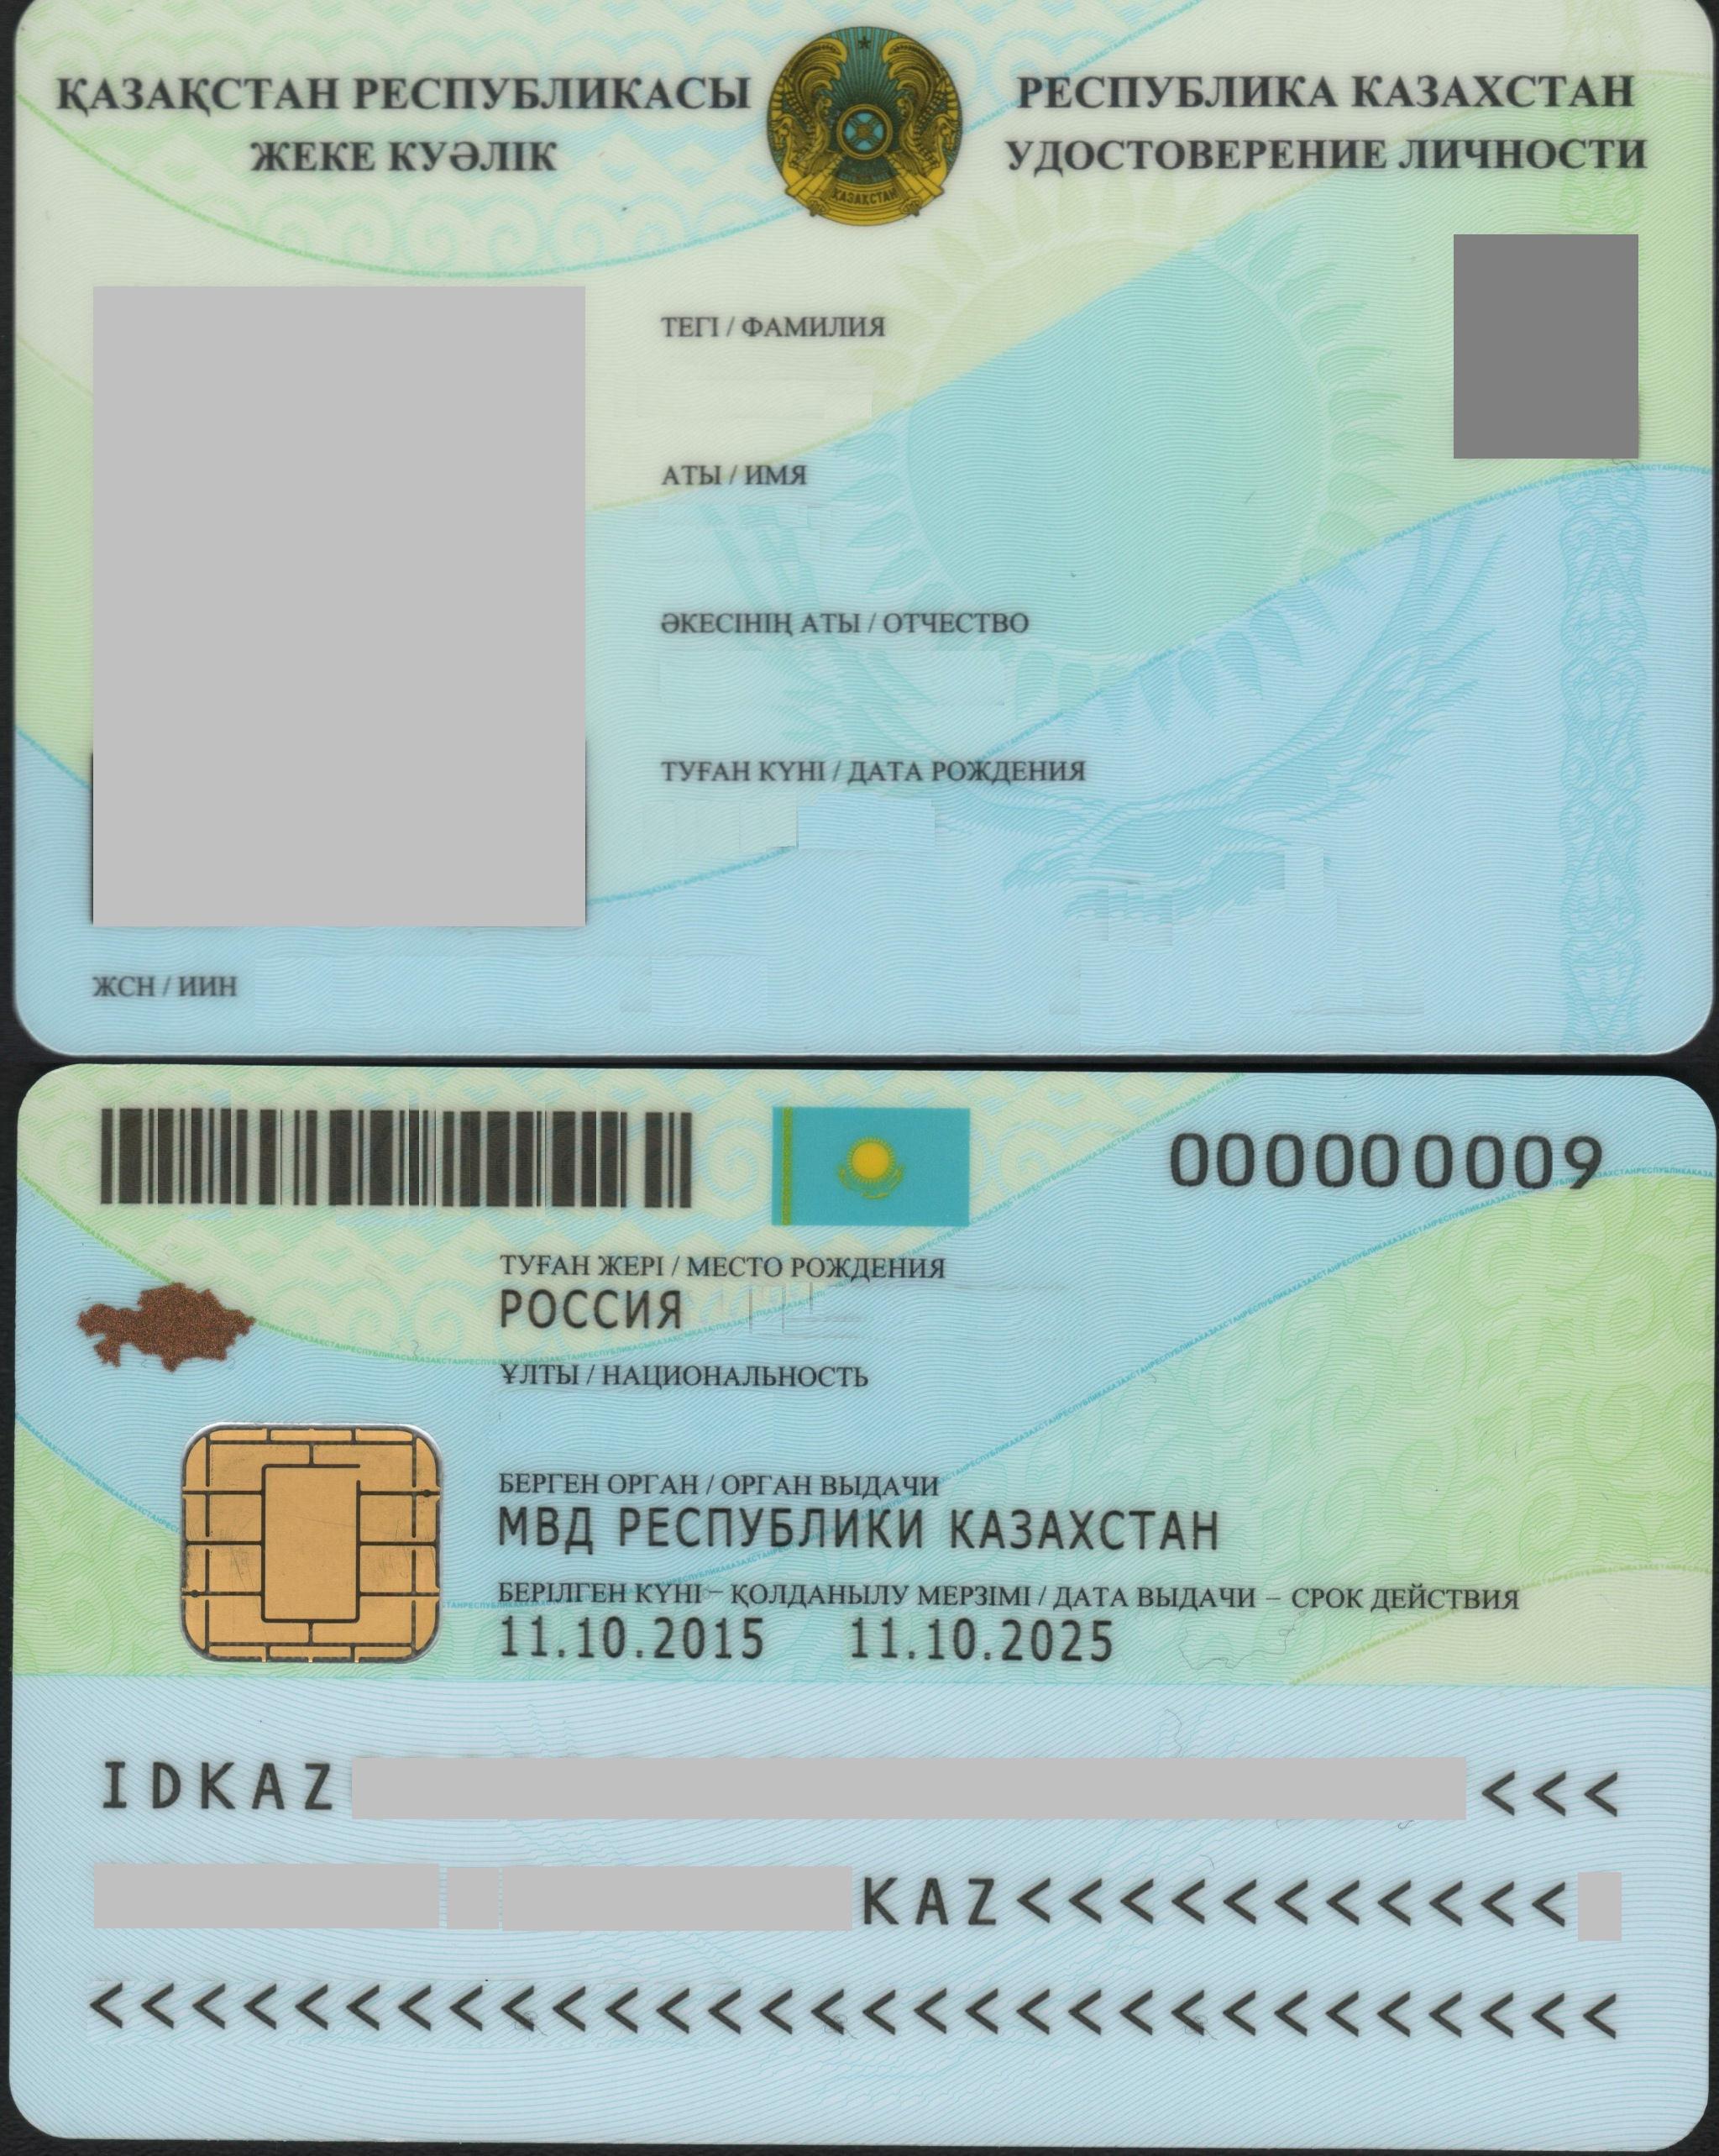 Как сделать поддельное удостоверение личности